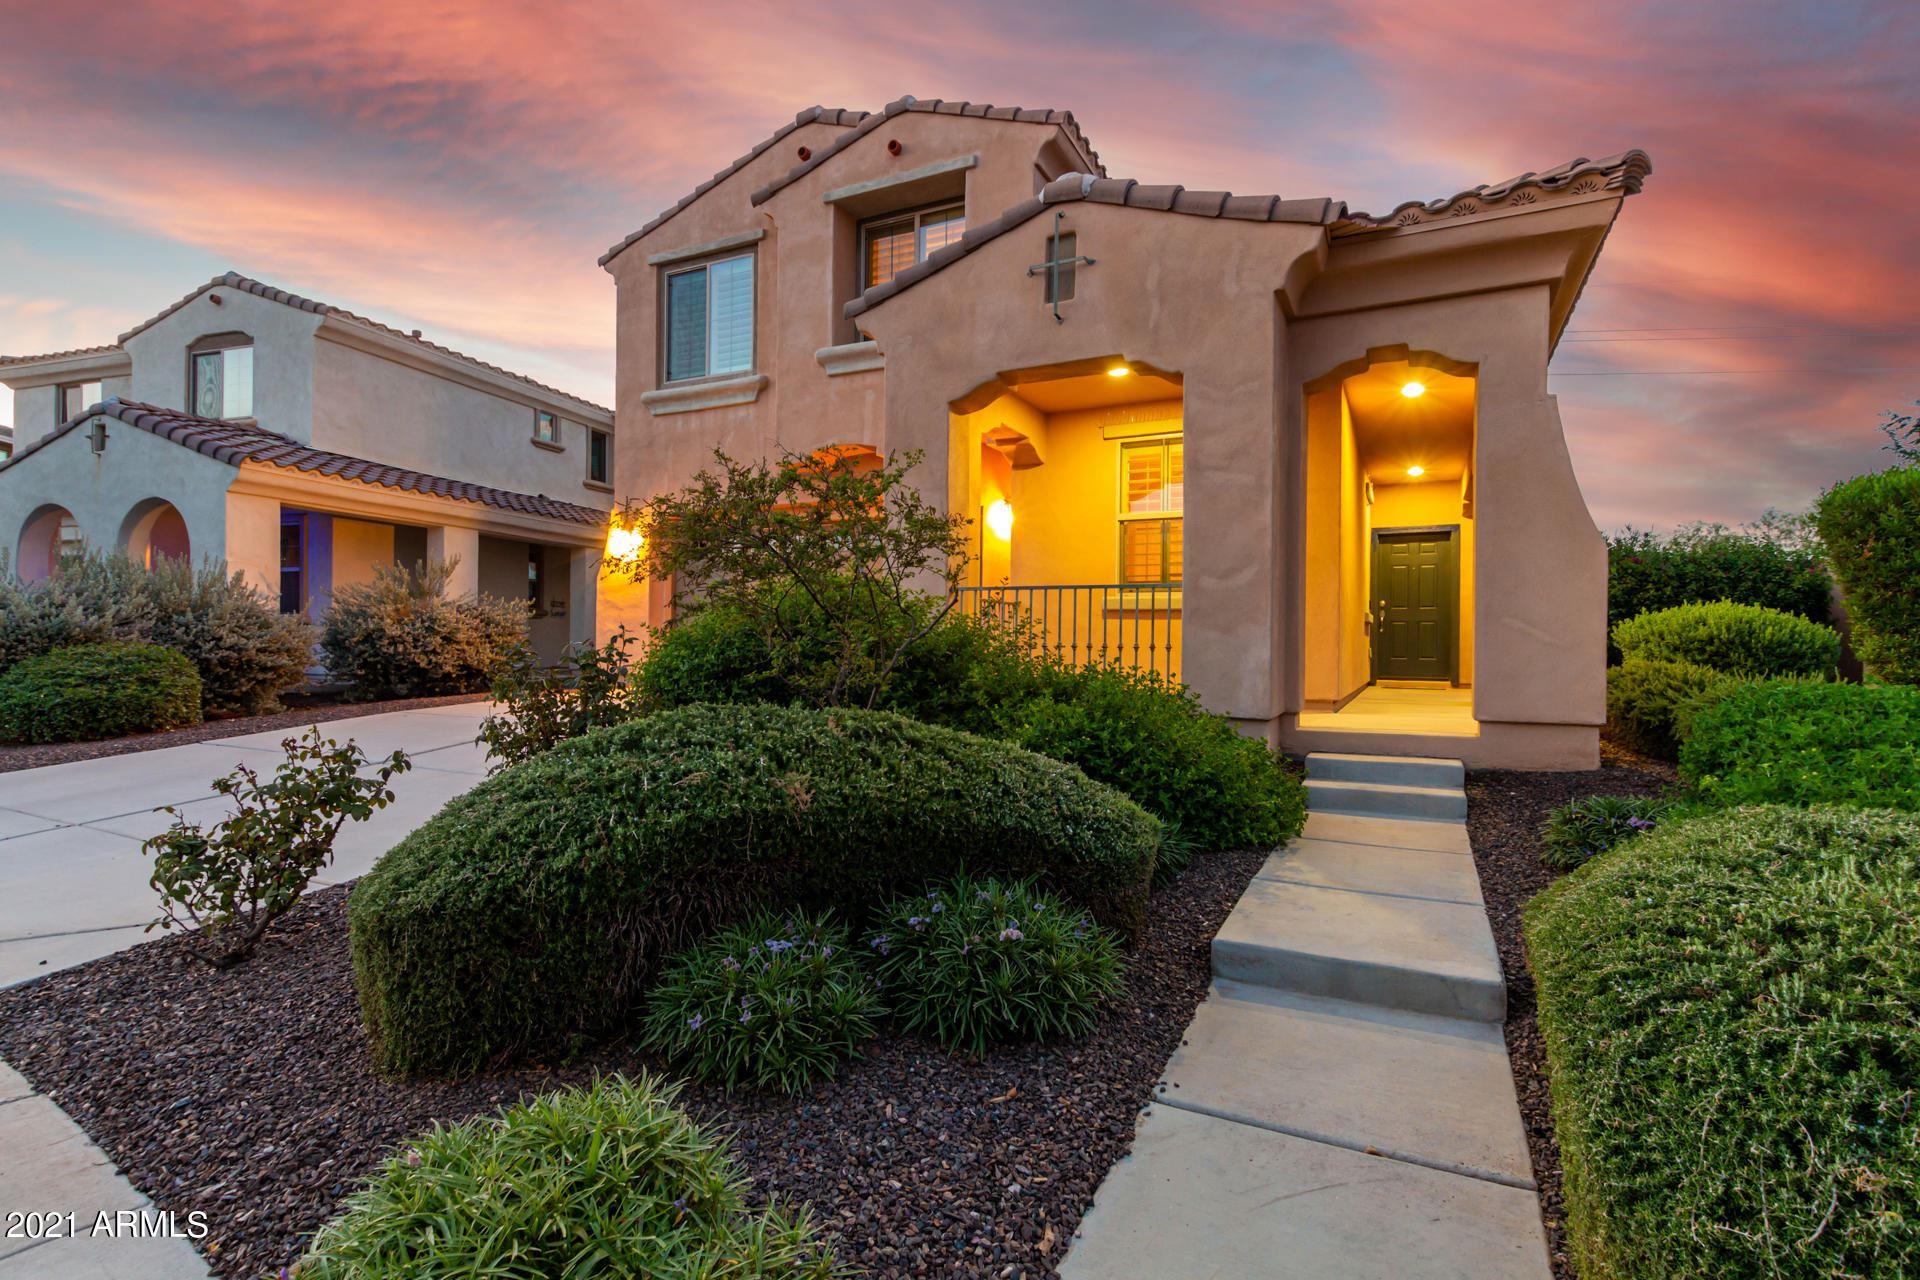 14884 W Georgia Drive, Surprise, AZ 85379 - MLS#: 6269546